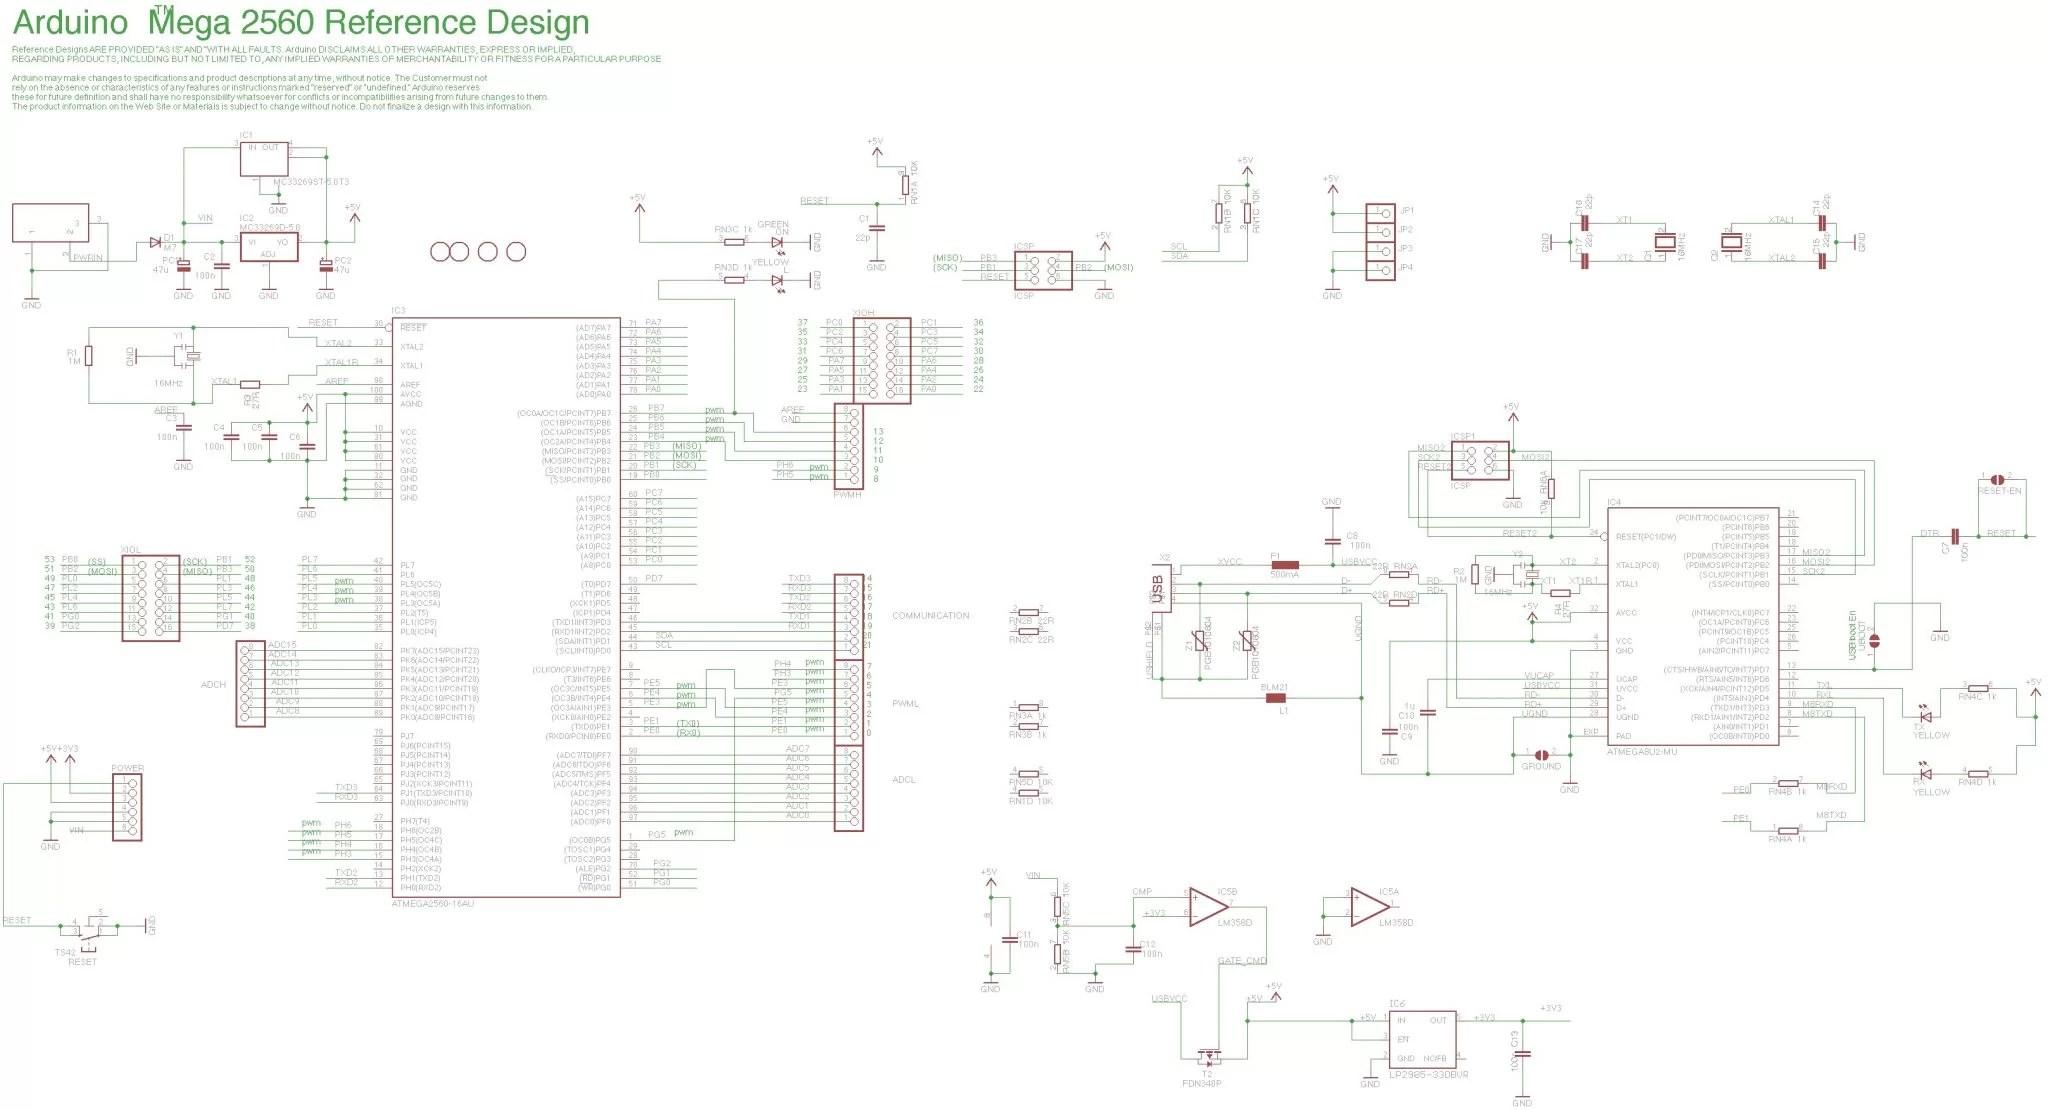 Rs232 Pin Diagram